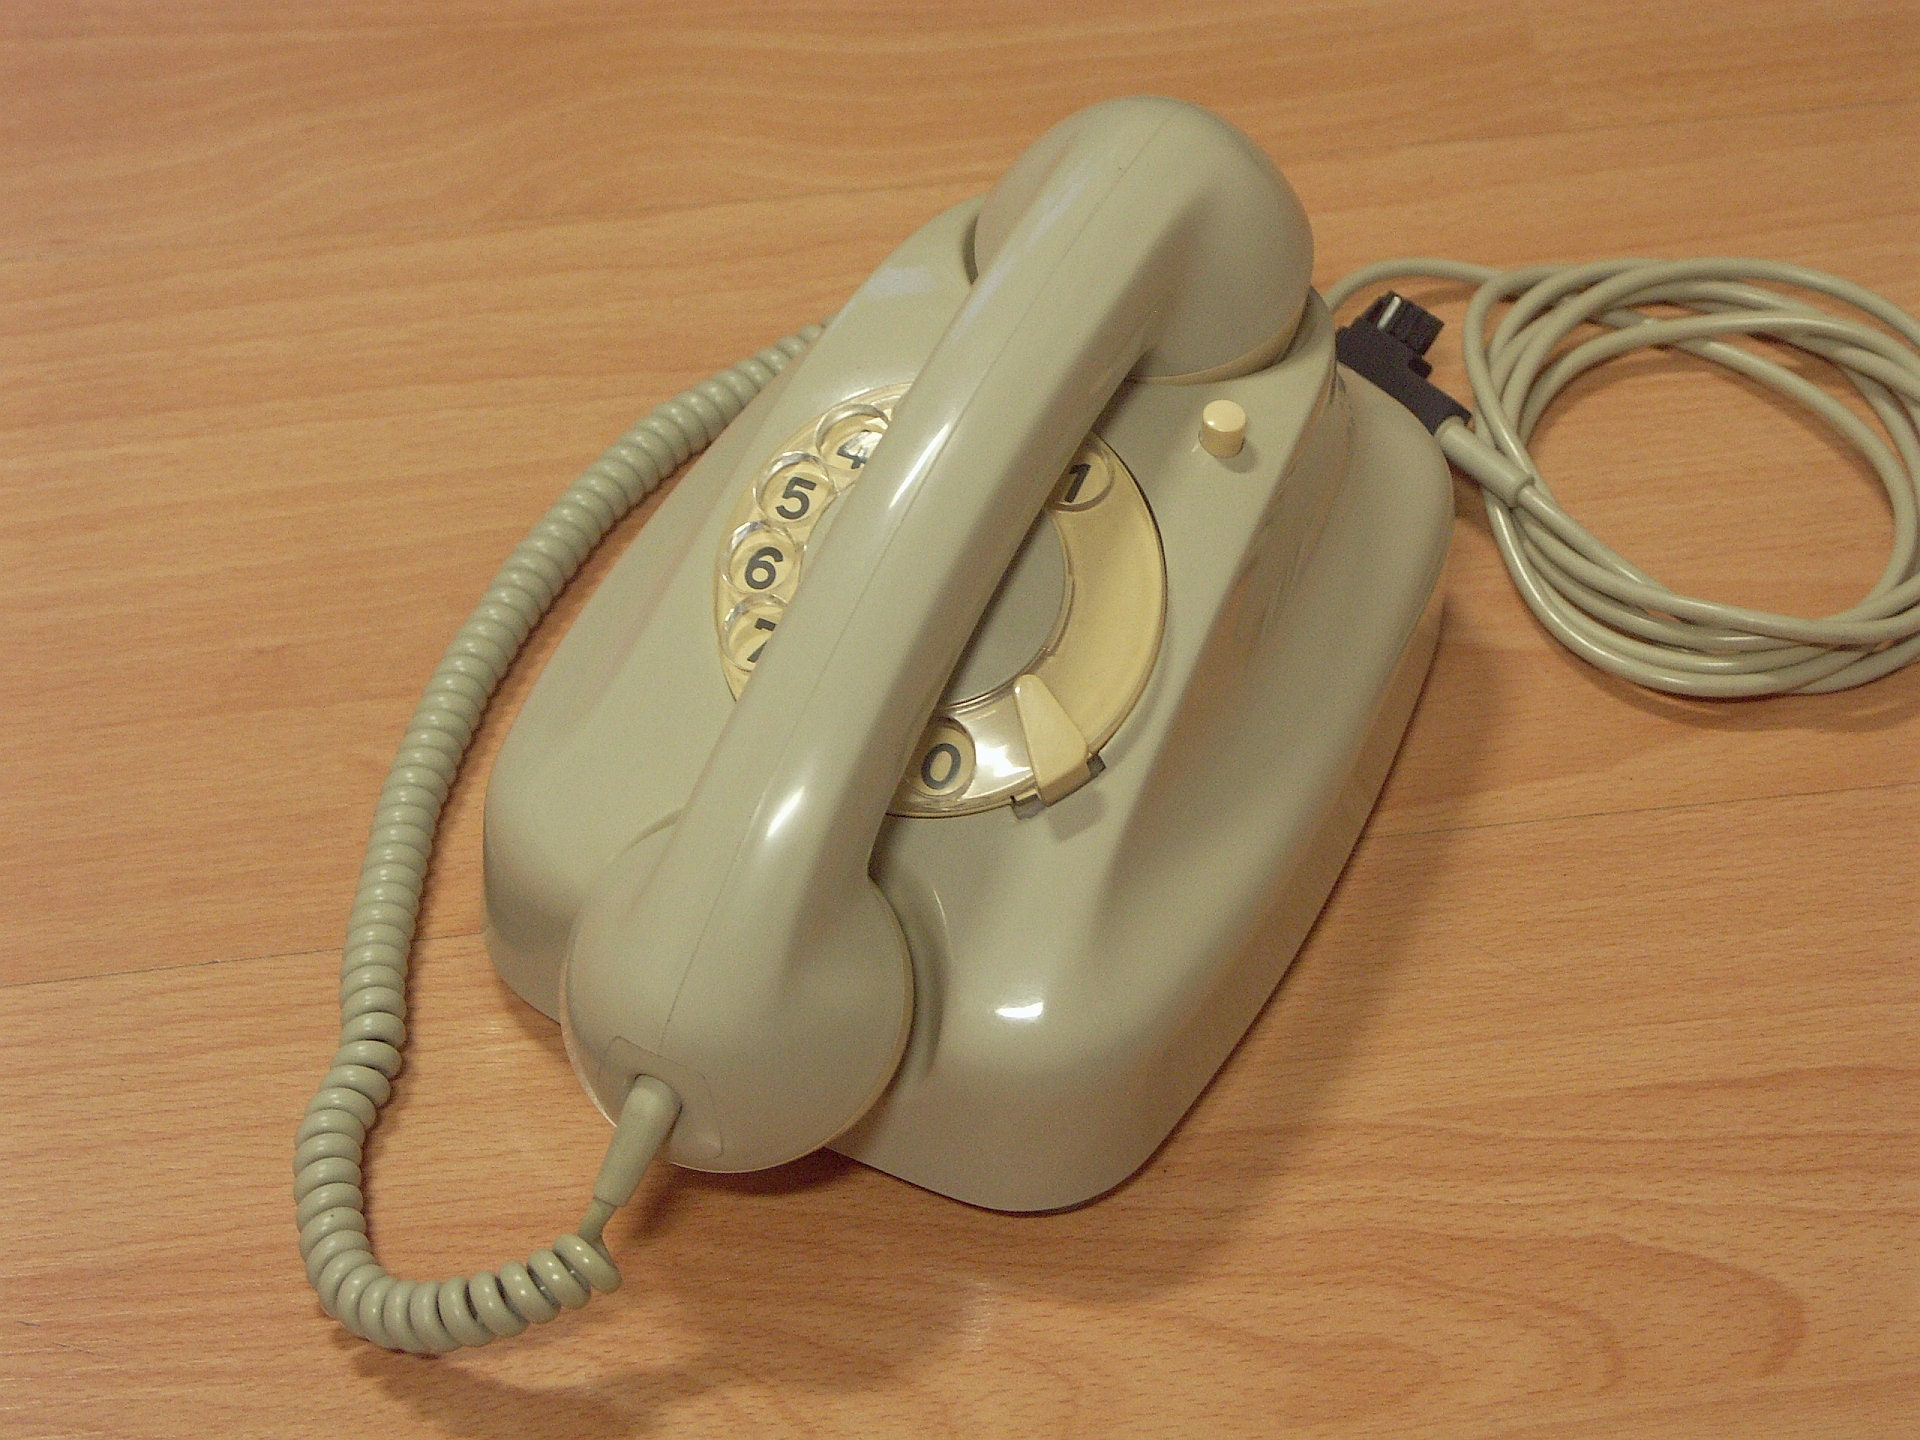 Telefon Paypal Deutschland